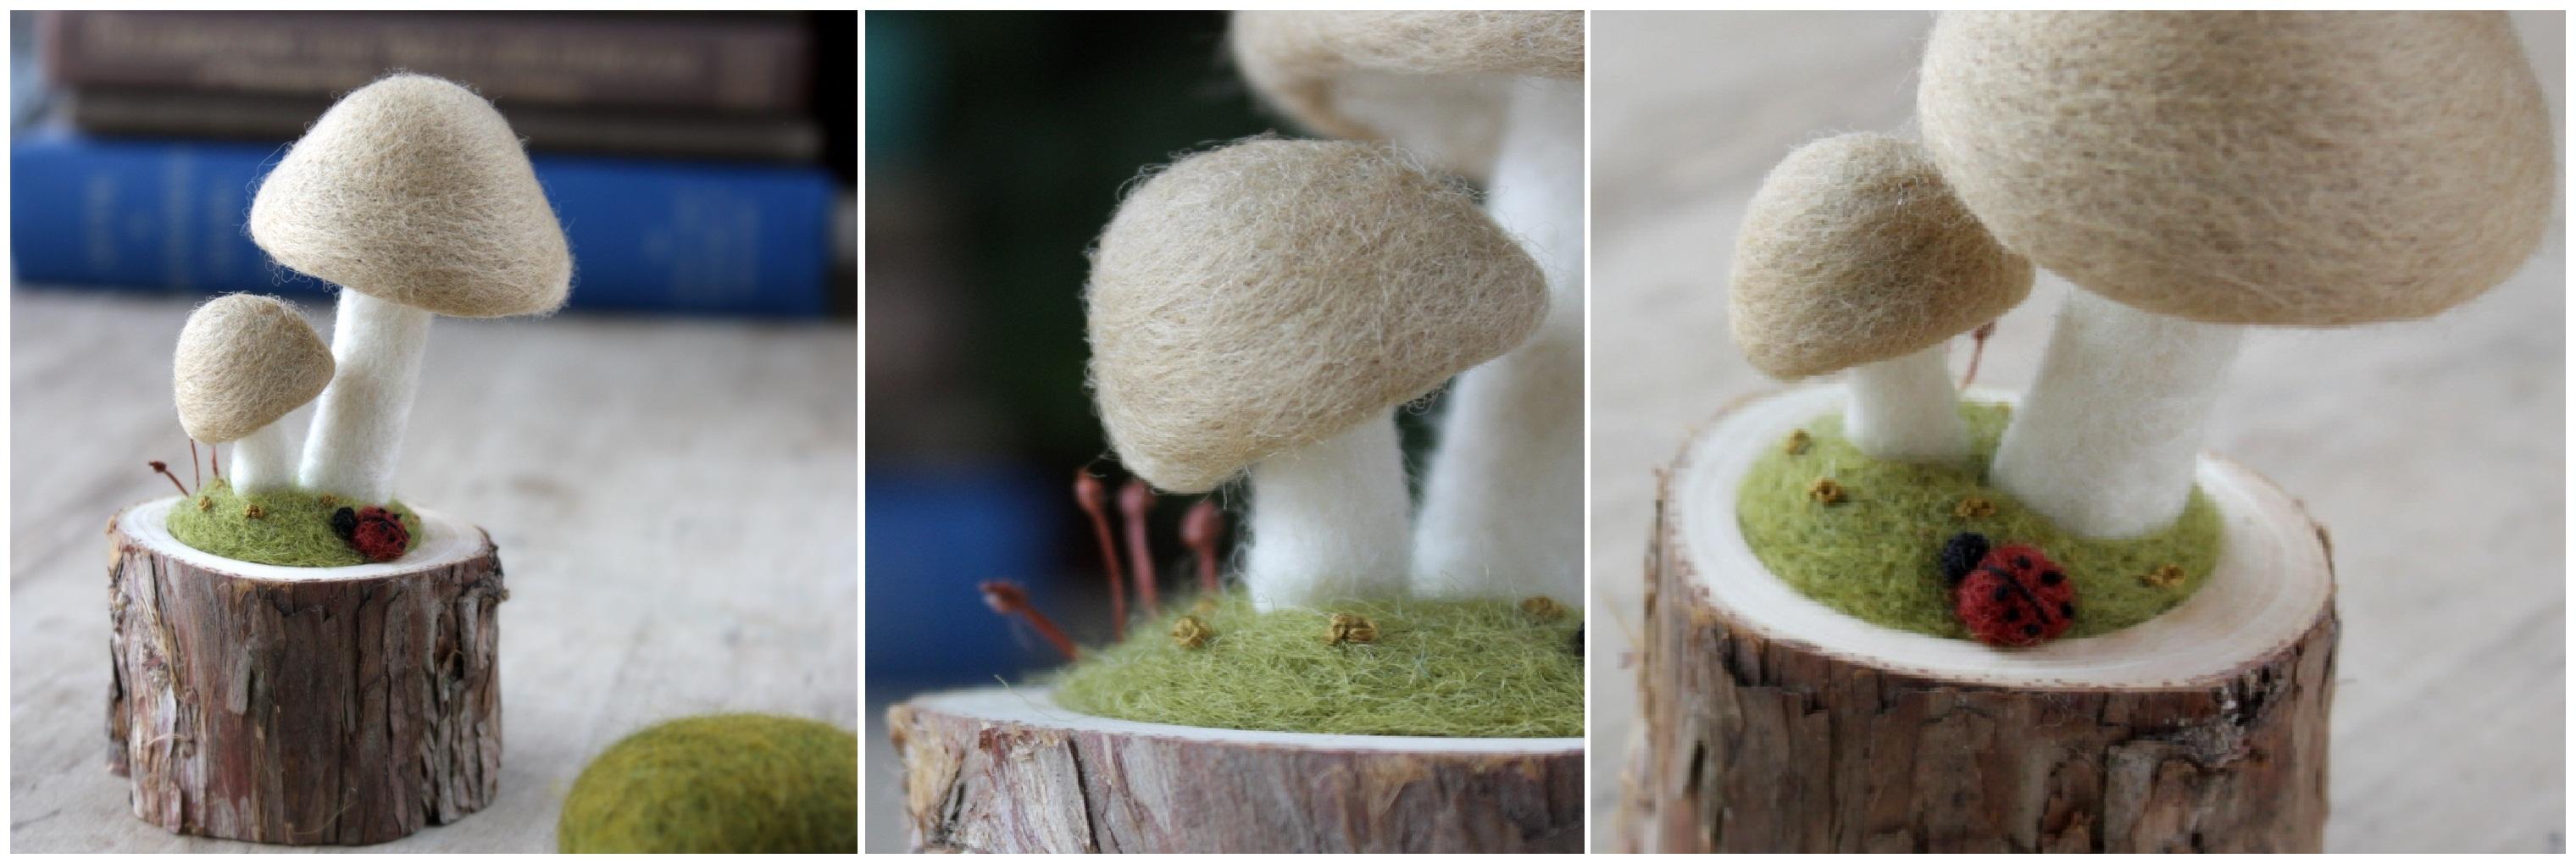 Выкройка грибов. Как сшить игрушку гриб своими руками / Мастер 84